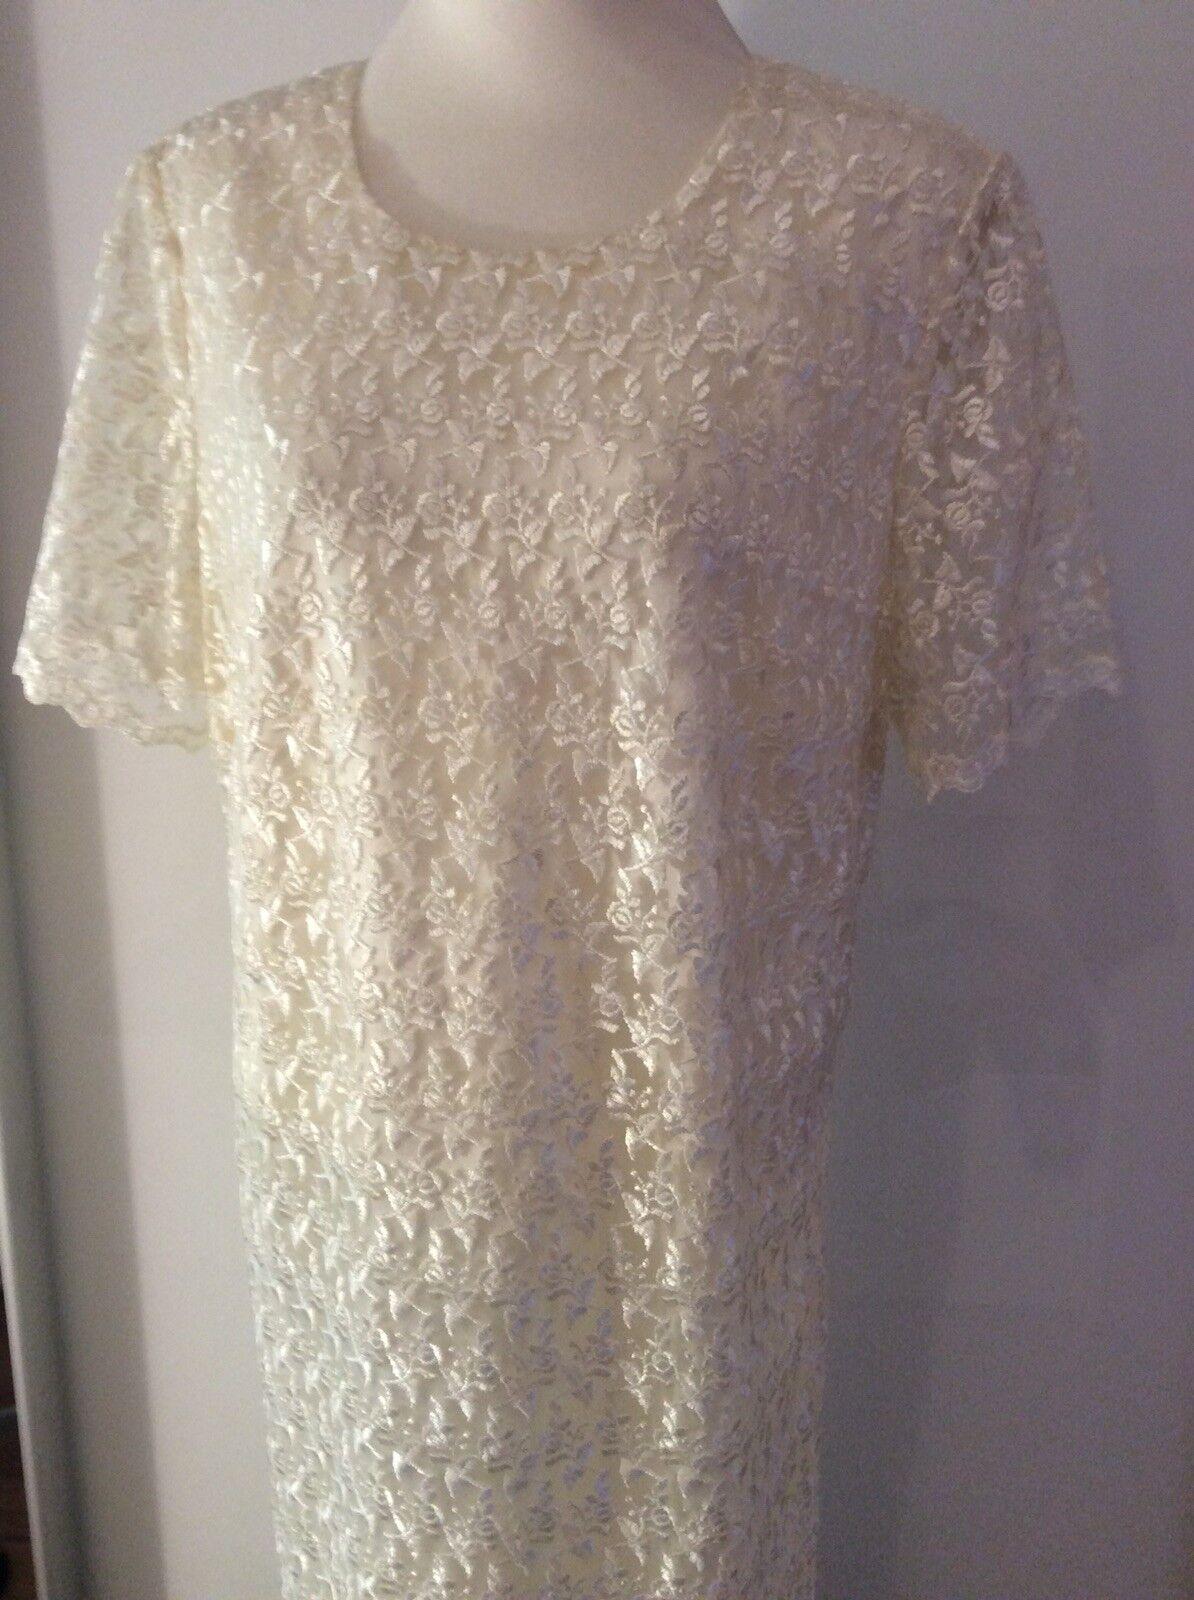 Kleid Sehr apart apart apart Damenmode Accessoires Größe 46.Diva Blogger. | Qualität und Verbraucher an erster Stelle  | Innovation  | Angenehmes Gefühl  28bcd6